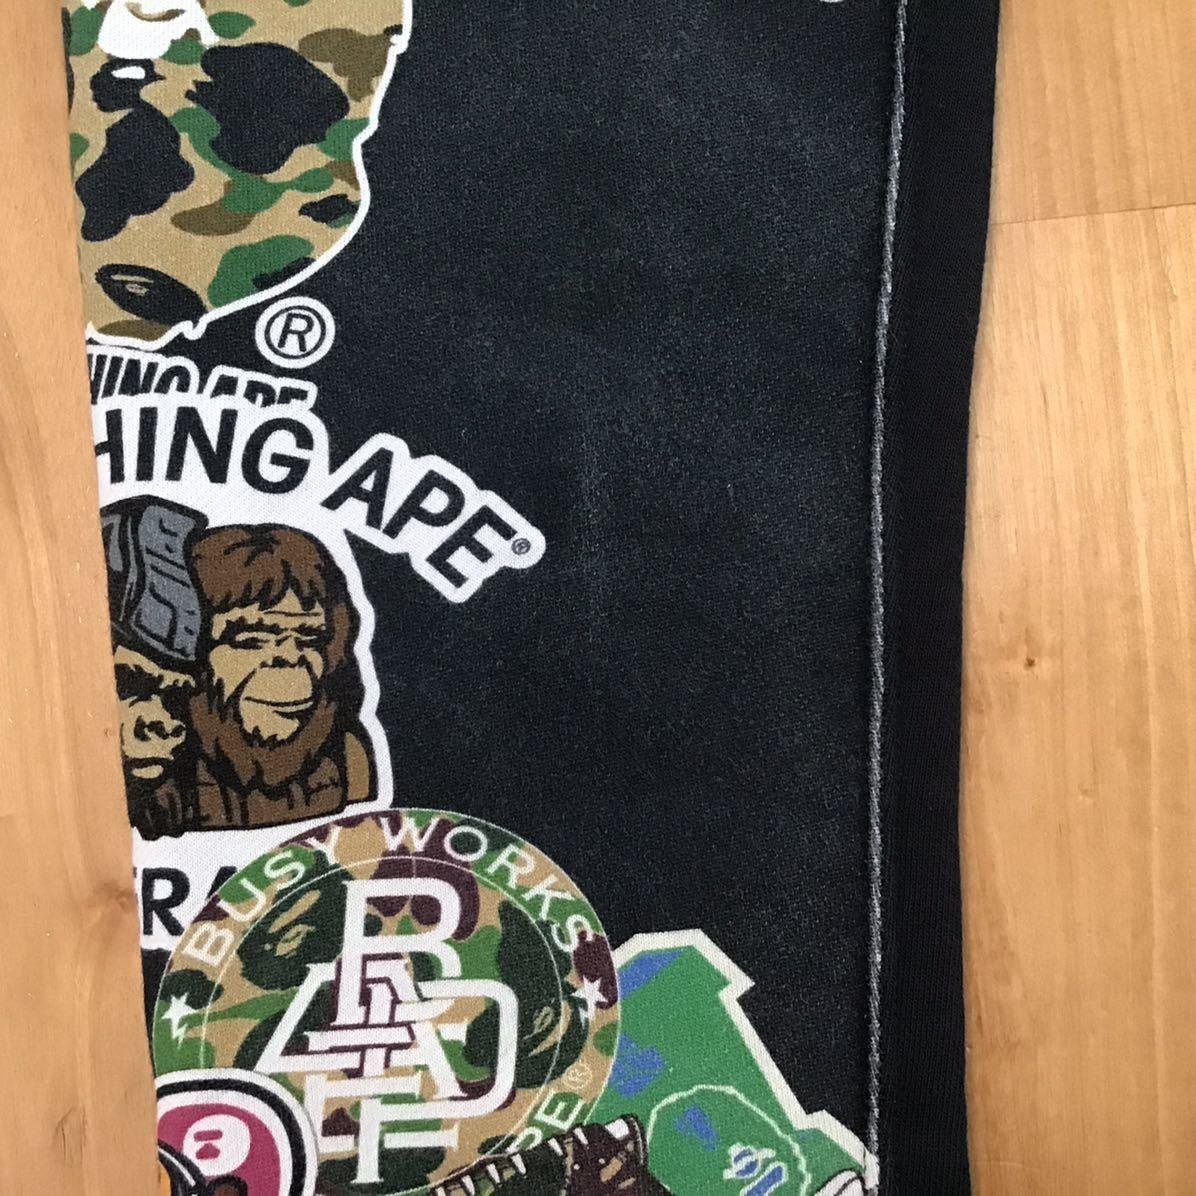 BAPE milo LOGO スウェットパンツ Sサイズ a bathing ape sweat pants エイプ ベイプ アベイシングエイプ マイロ general t852